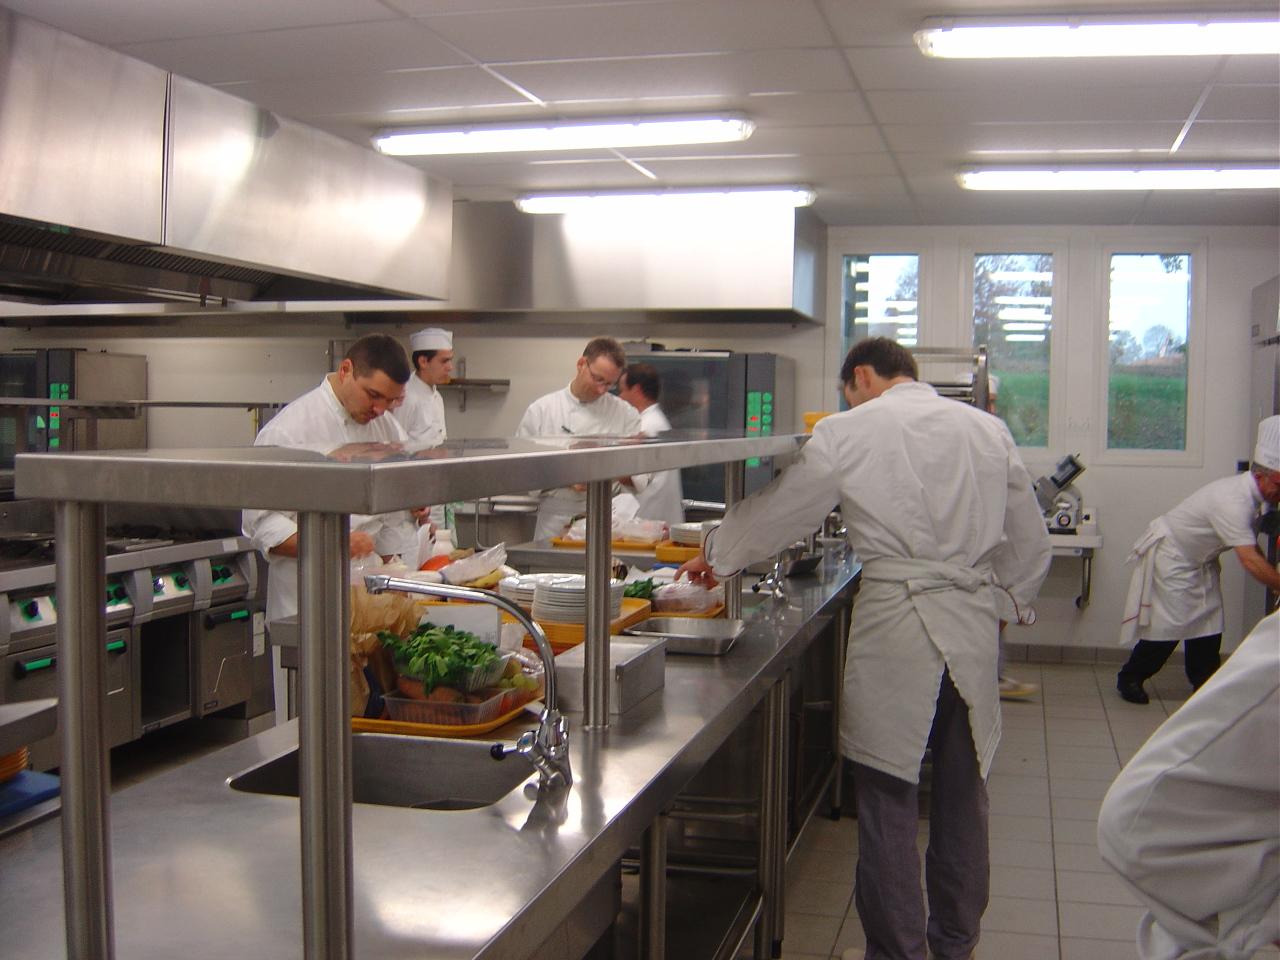 Ibb il fait bio dans mon assiette mode d emploi ibb for Offre d emploi cuisine collective